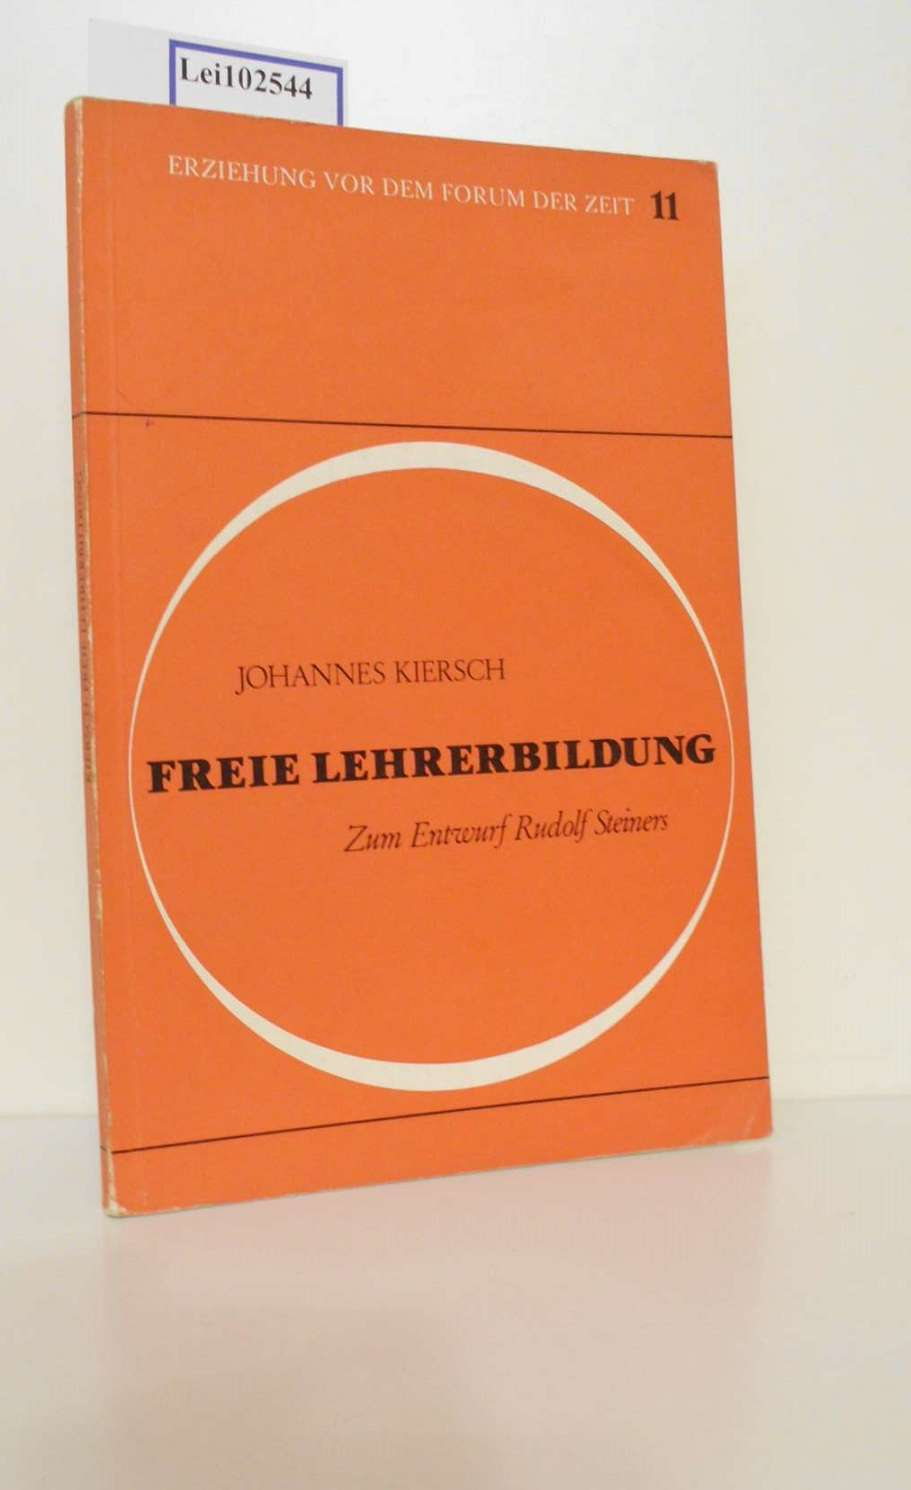 Kiersch, Johannes: Freie Lehrerbildung : zum Entwurf Rudolf Steiners / Johannes Kiersch / Erziehung vor dem Forum der Zeit ; 11